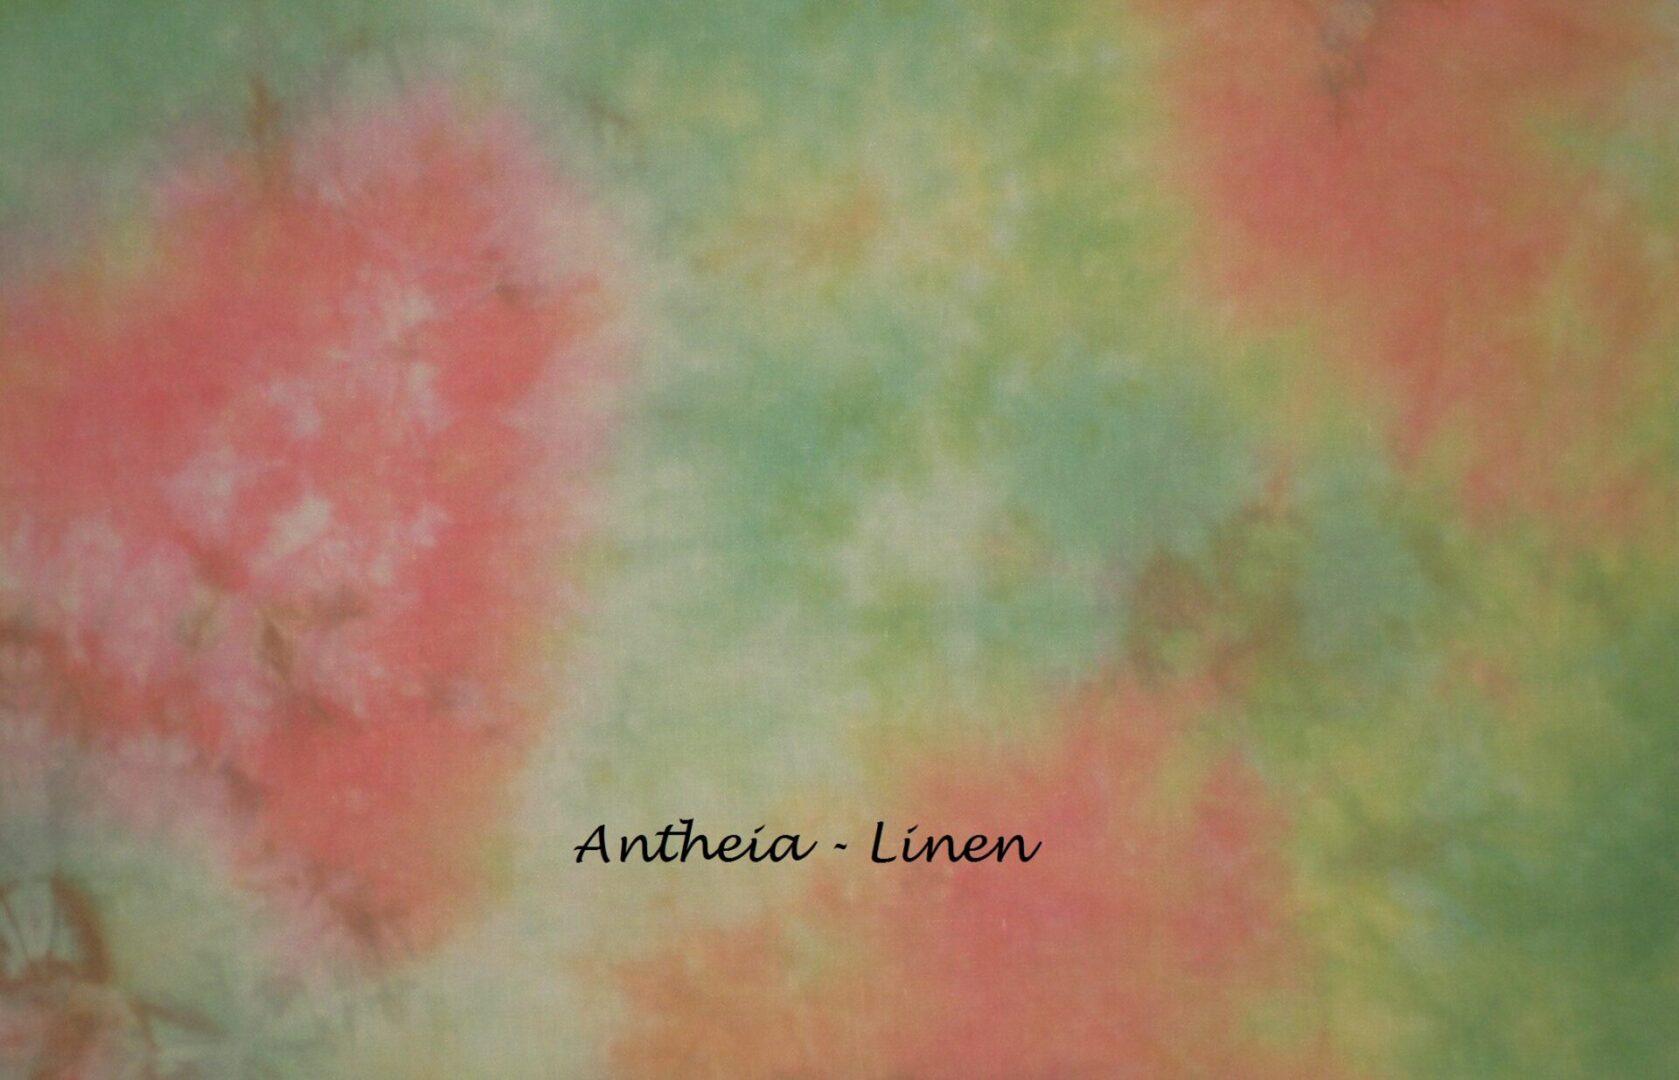 Antheia Linen